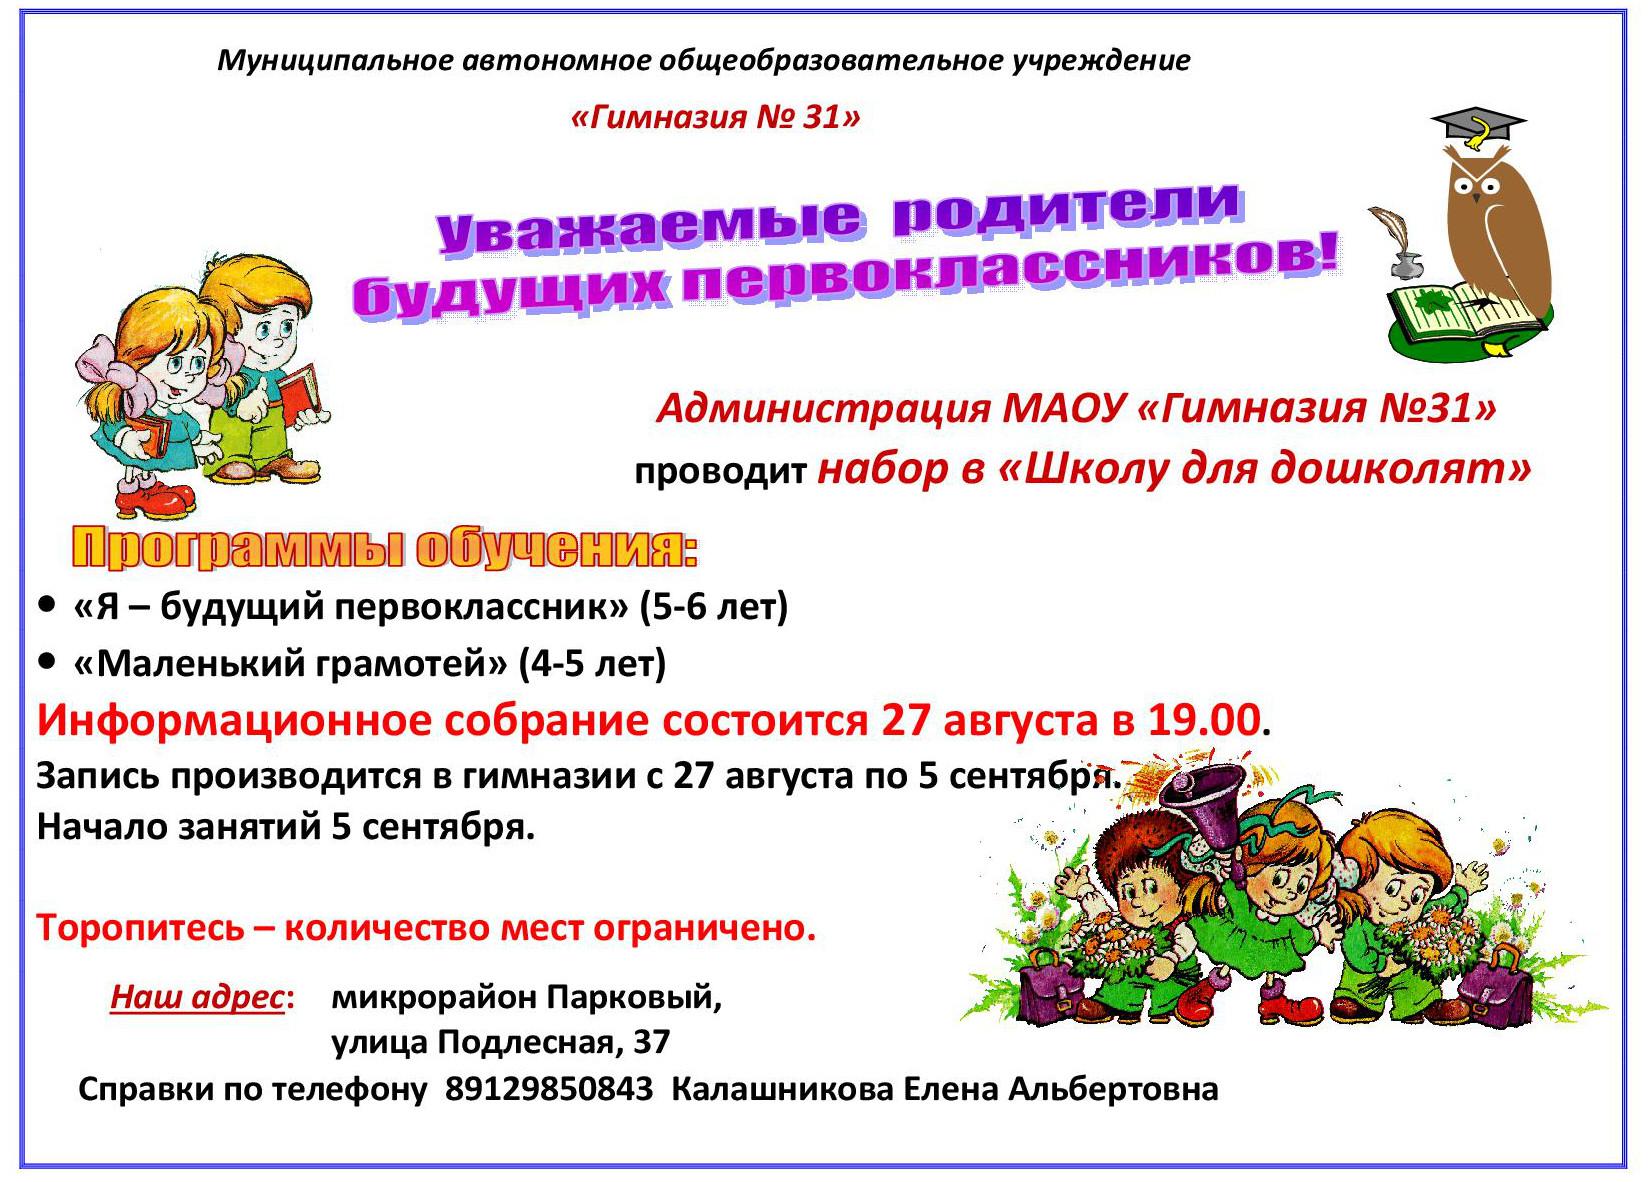 Школа для дошколят (информационное собрание)